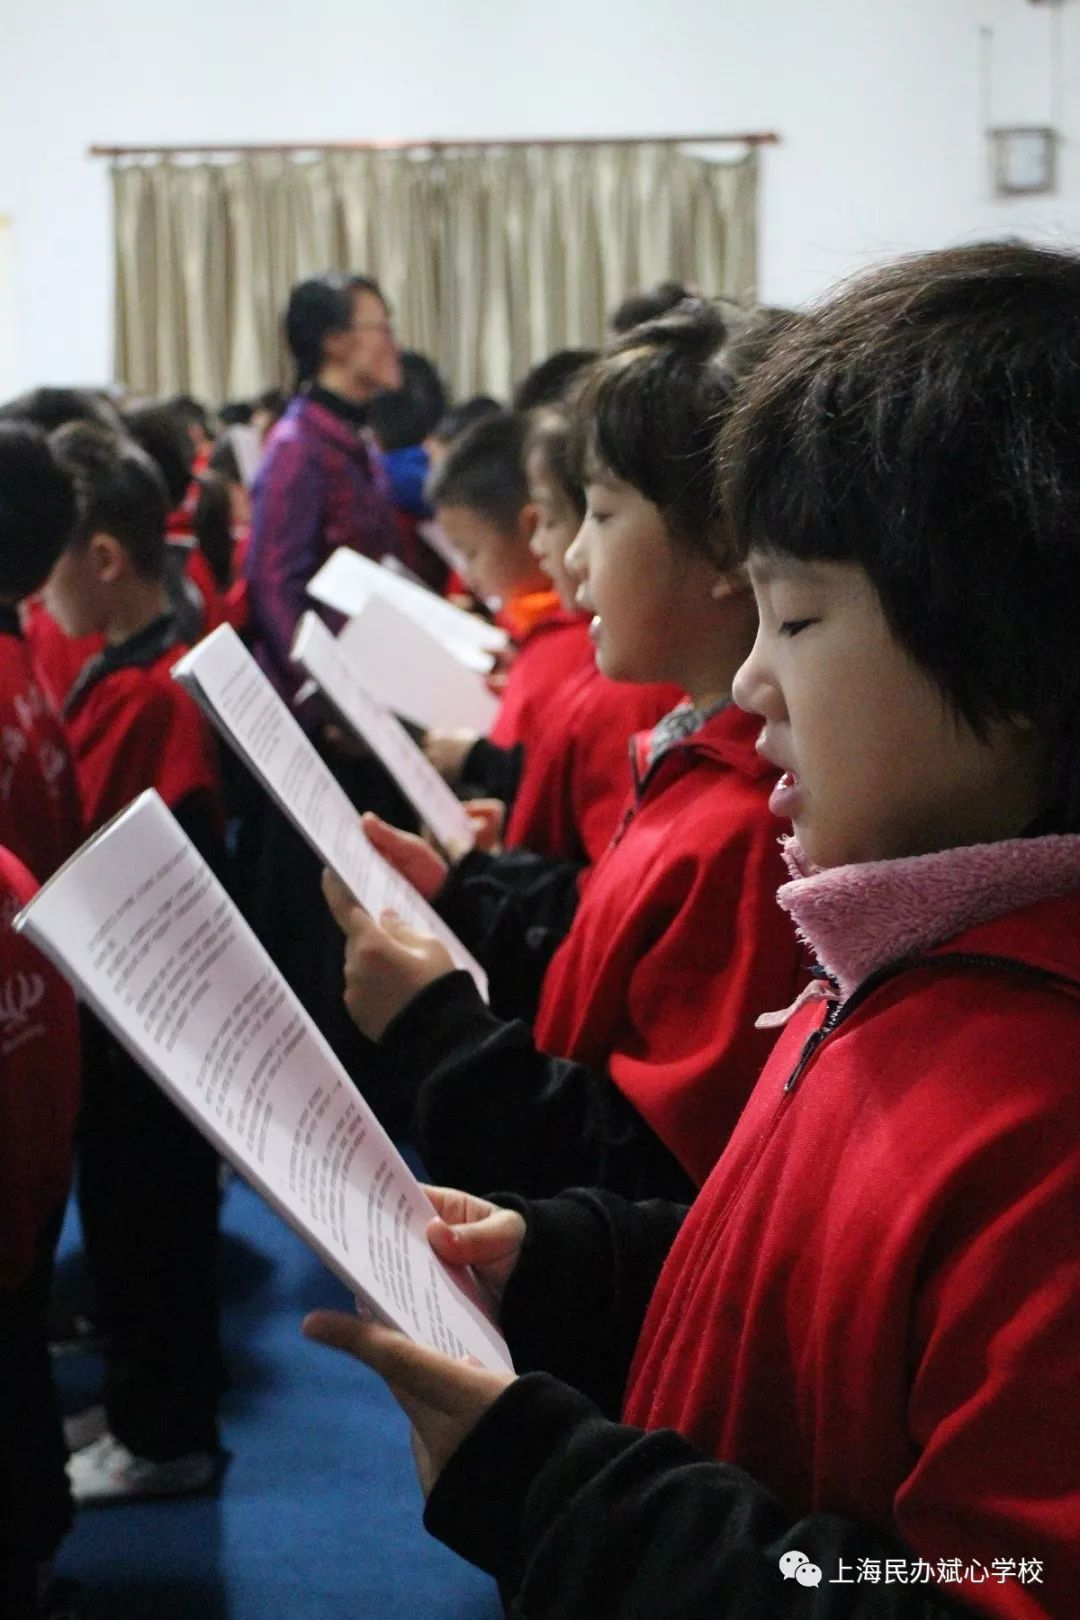 家长必读:孩子,希望有一天你也敢上台作幸福的分享